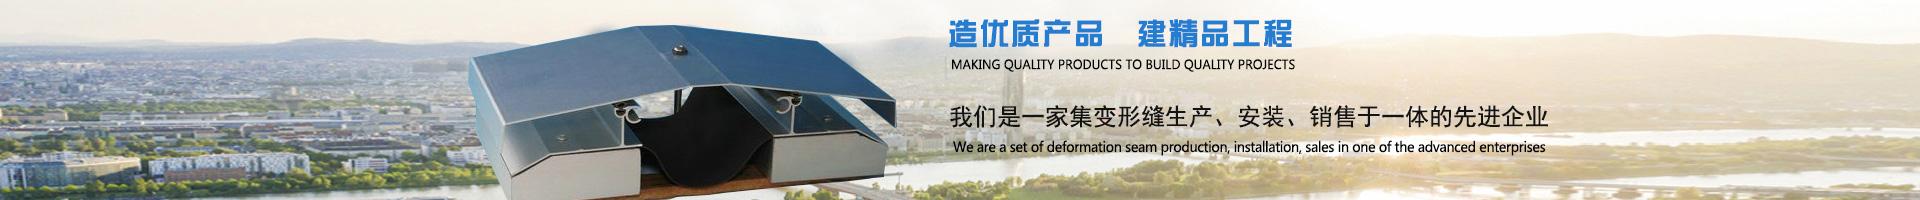 郑州变形缝